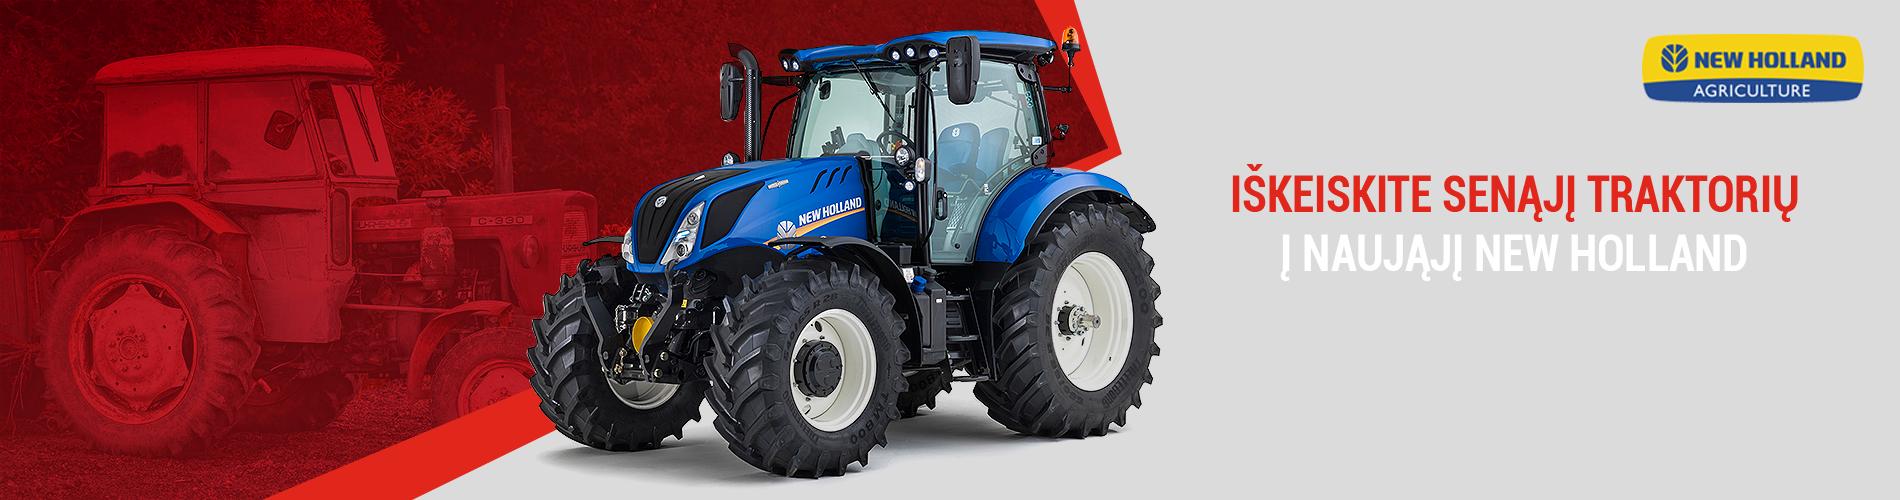 Seną traktorių pakeisime į naujausią NEW HOLLAND traktorių!